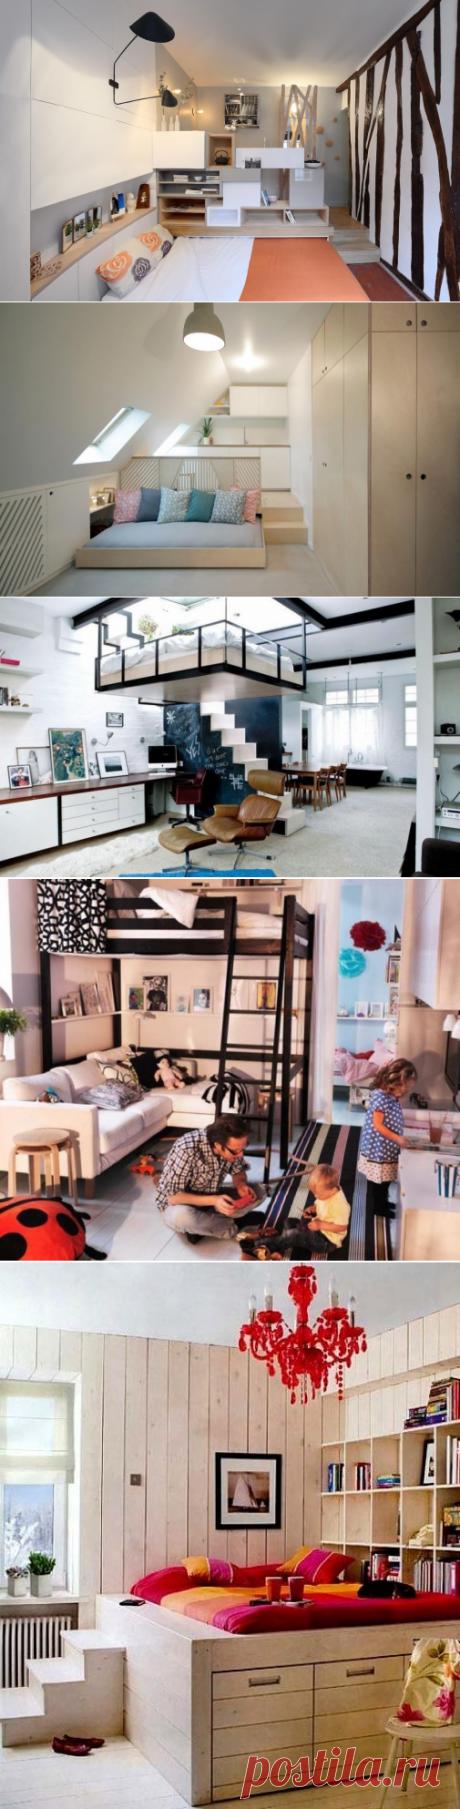 Варианты кроватей для небольших квартир — Правильные идеи ремонта